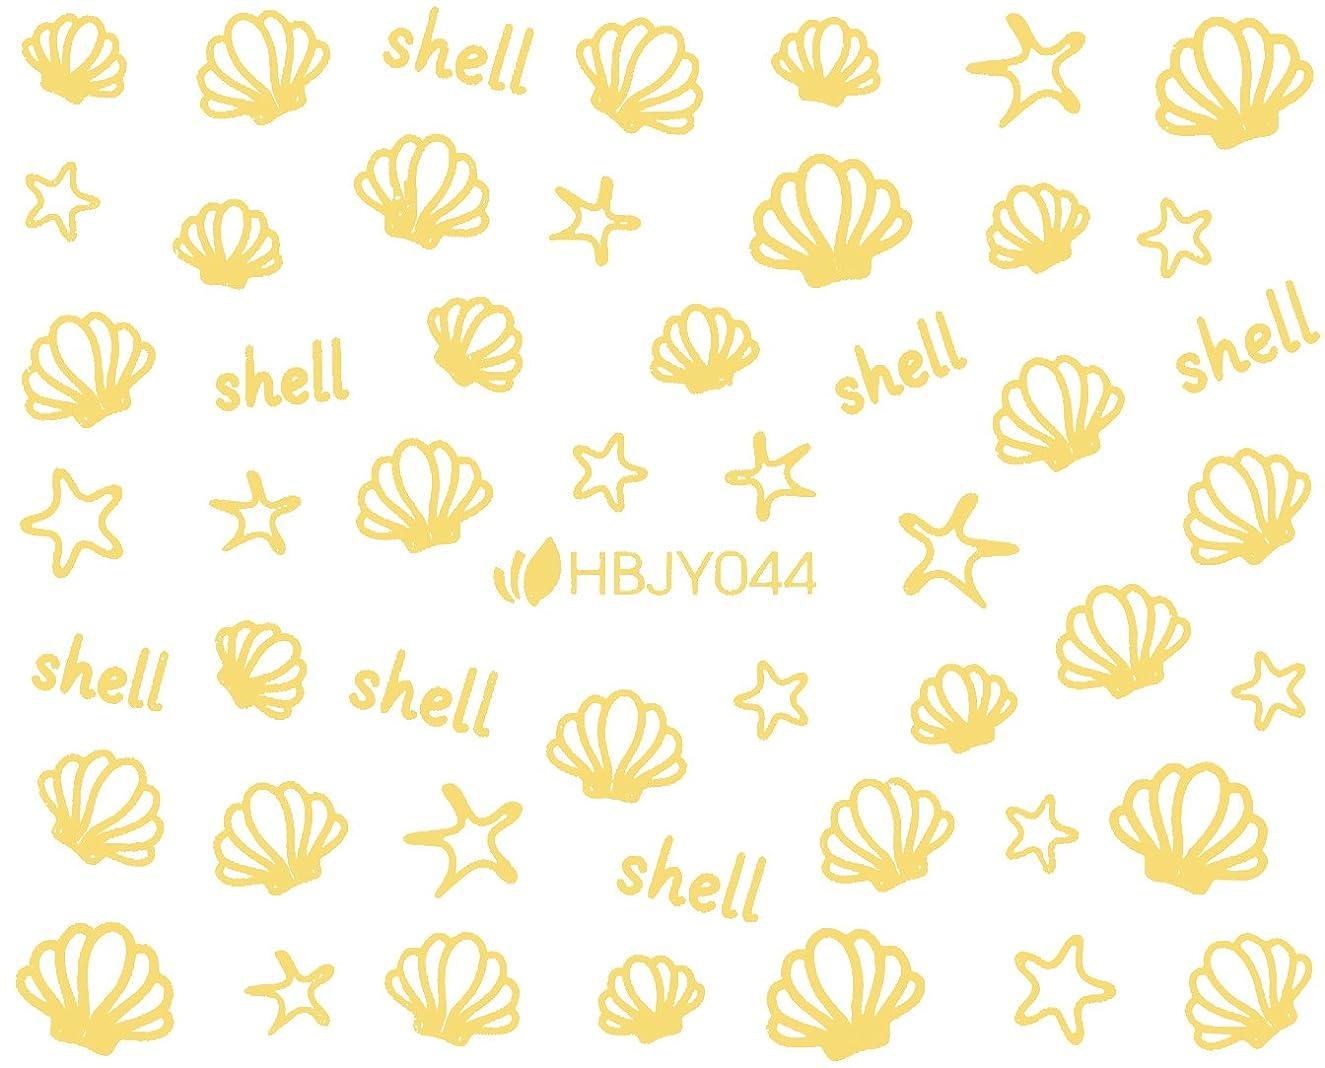 シガレット徹底的に延ばすネイルシール 夏 サマー シェル ヤシの木 イカリ 選べる20種類 (ゴールドMG, 23)